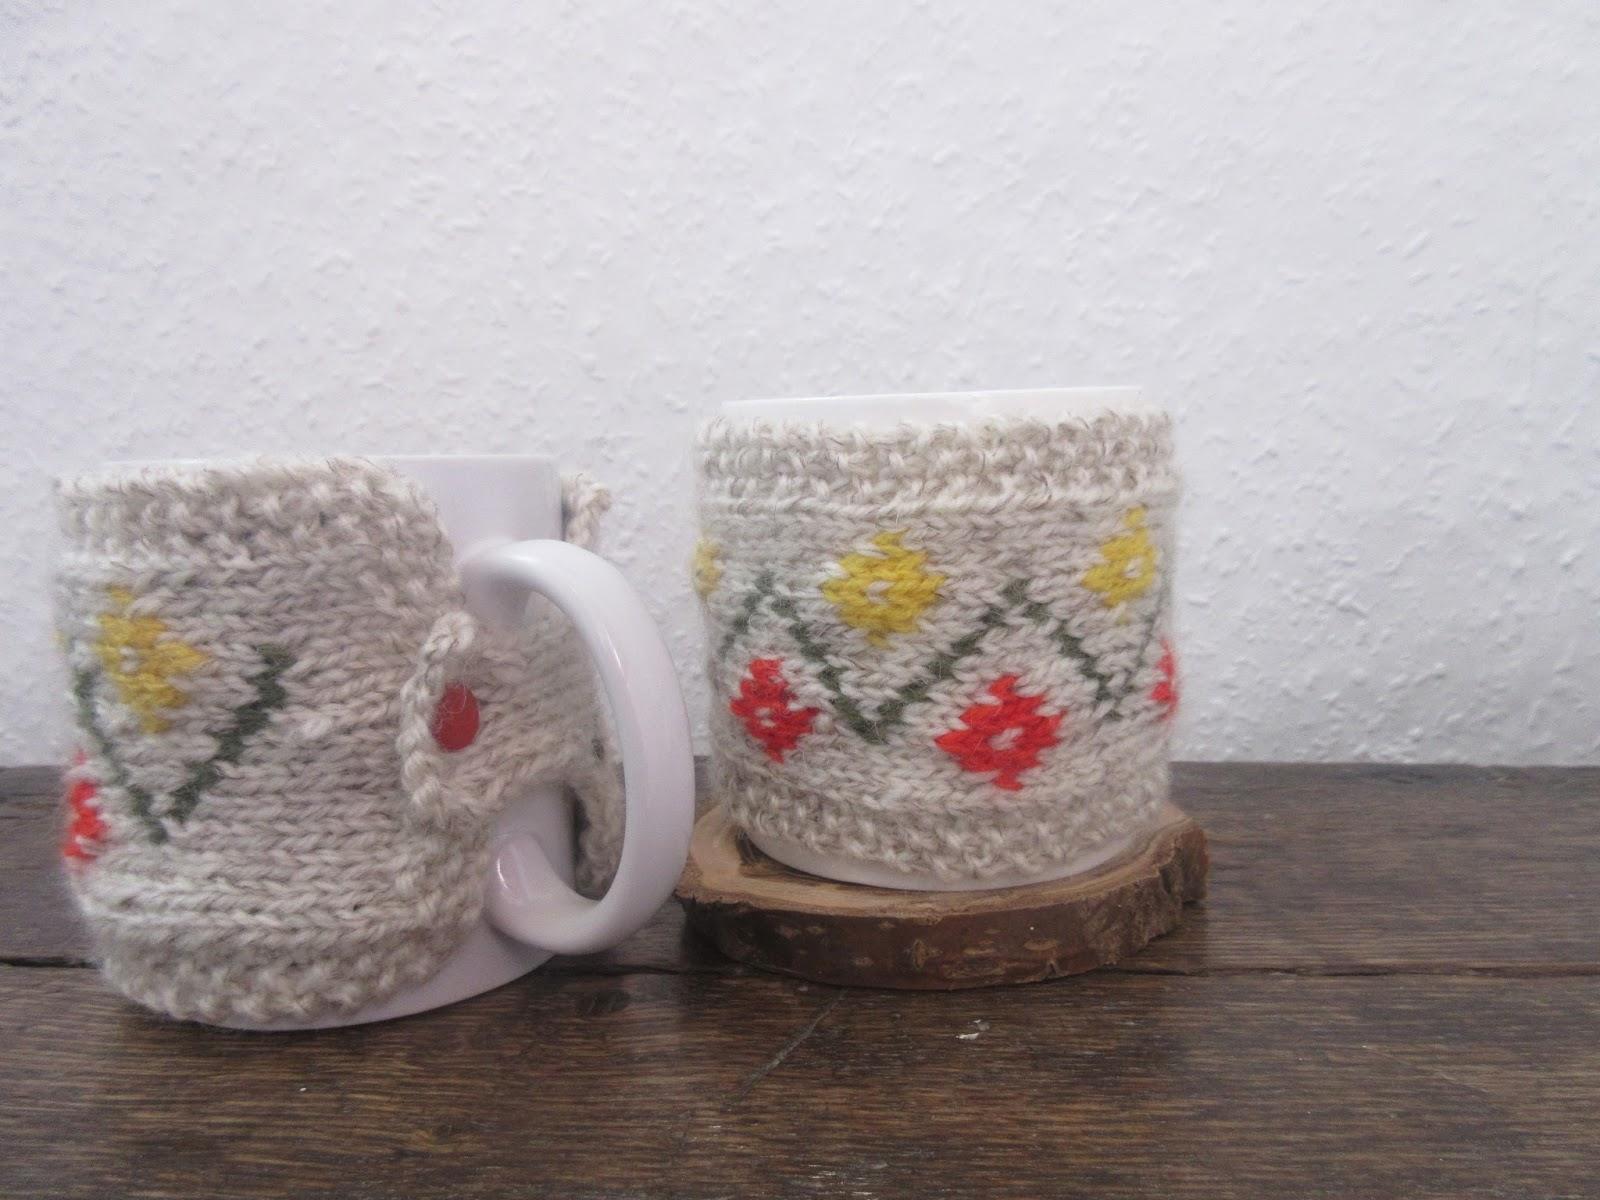 Knitting Patterns Galore - Spring Flowers mug cozy